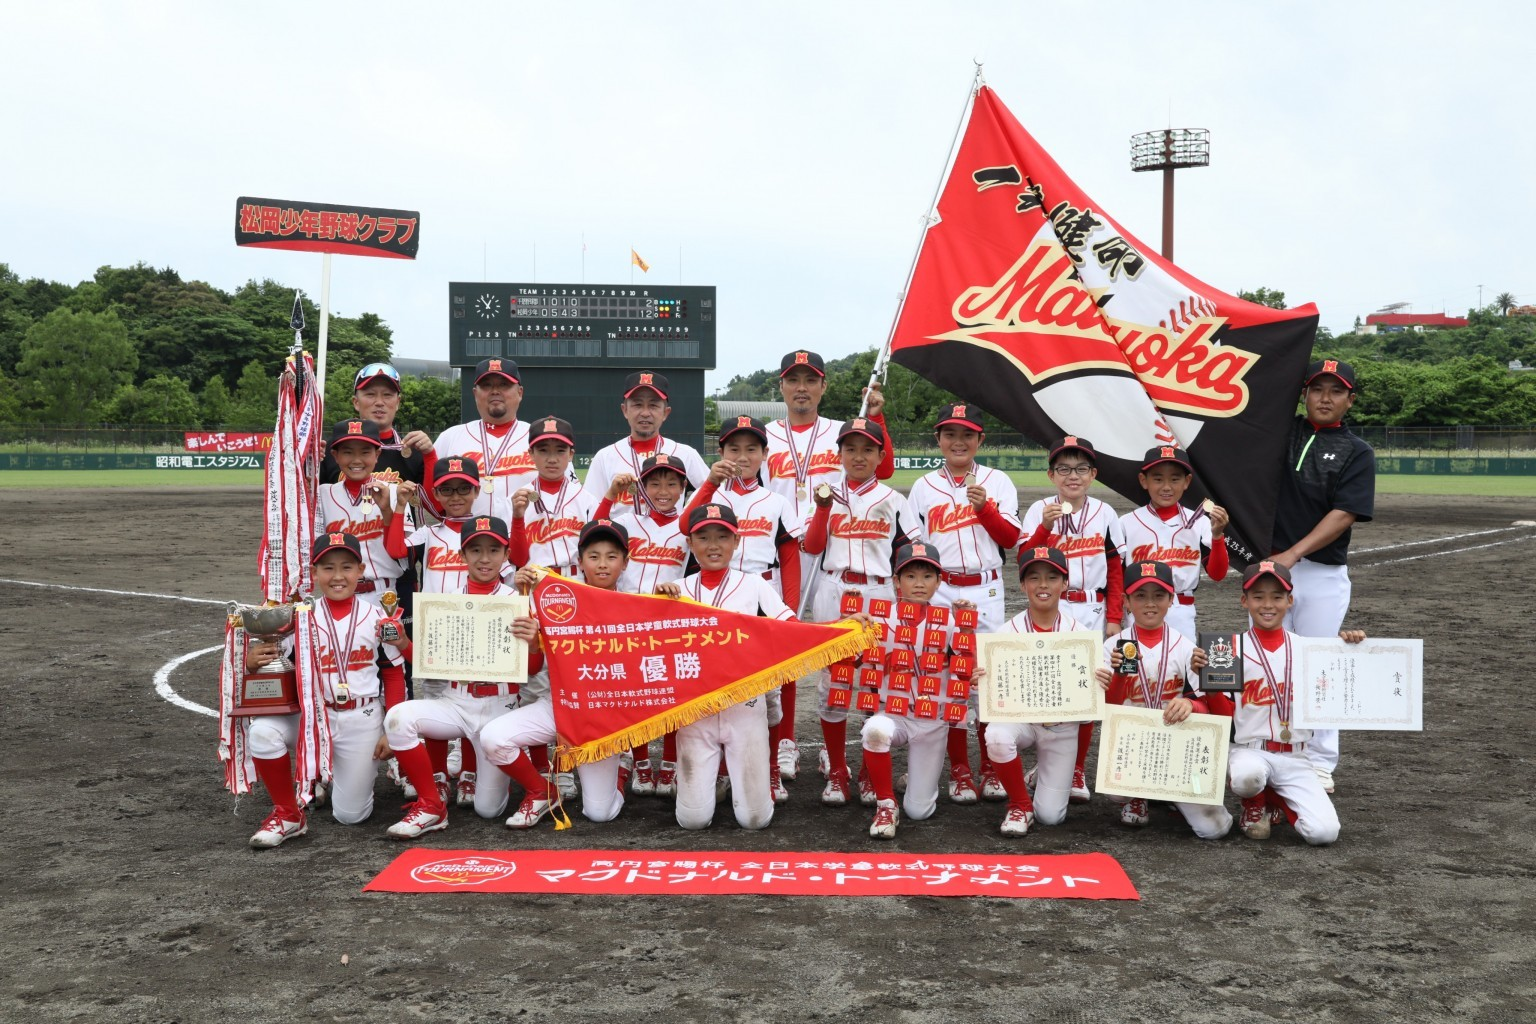 松岡少年野球クラブ